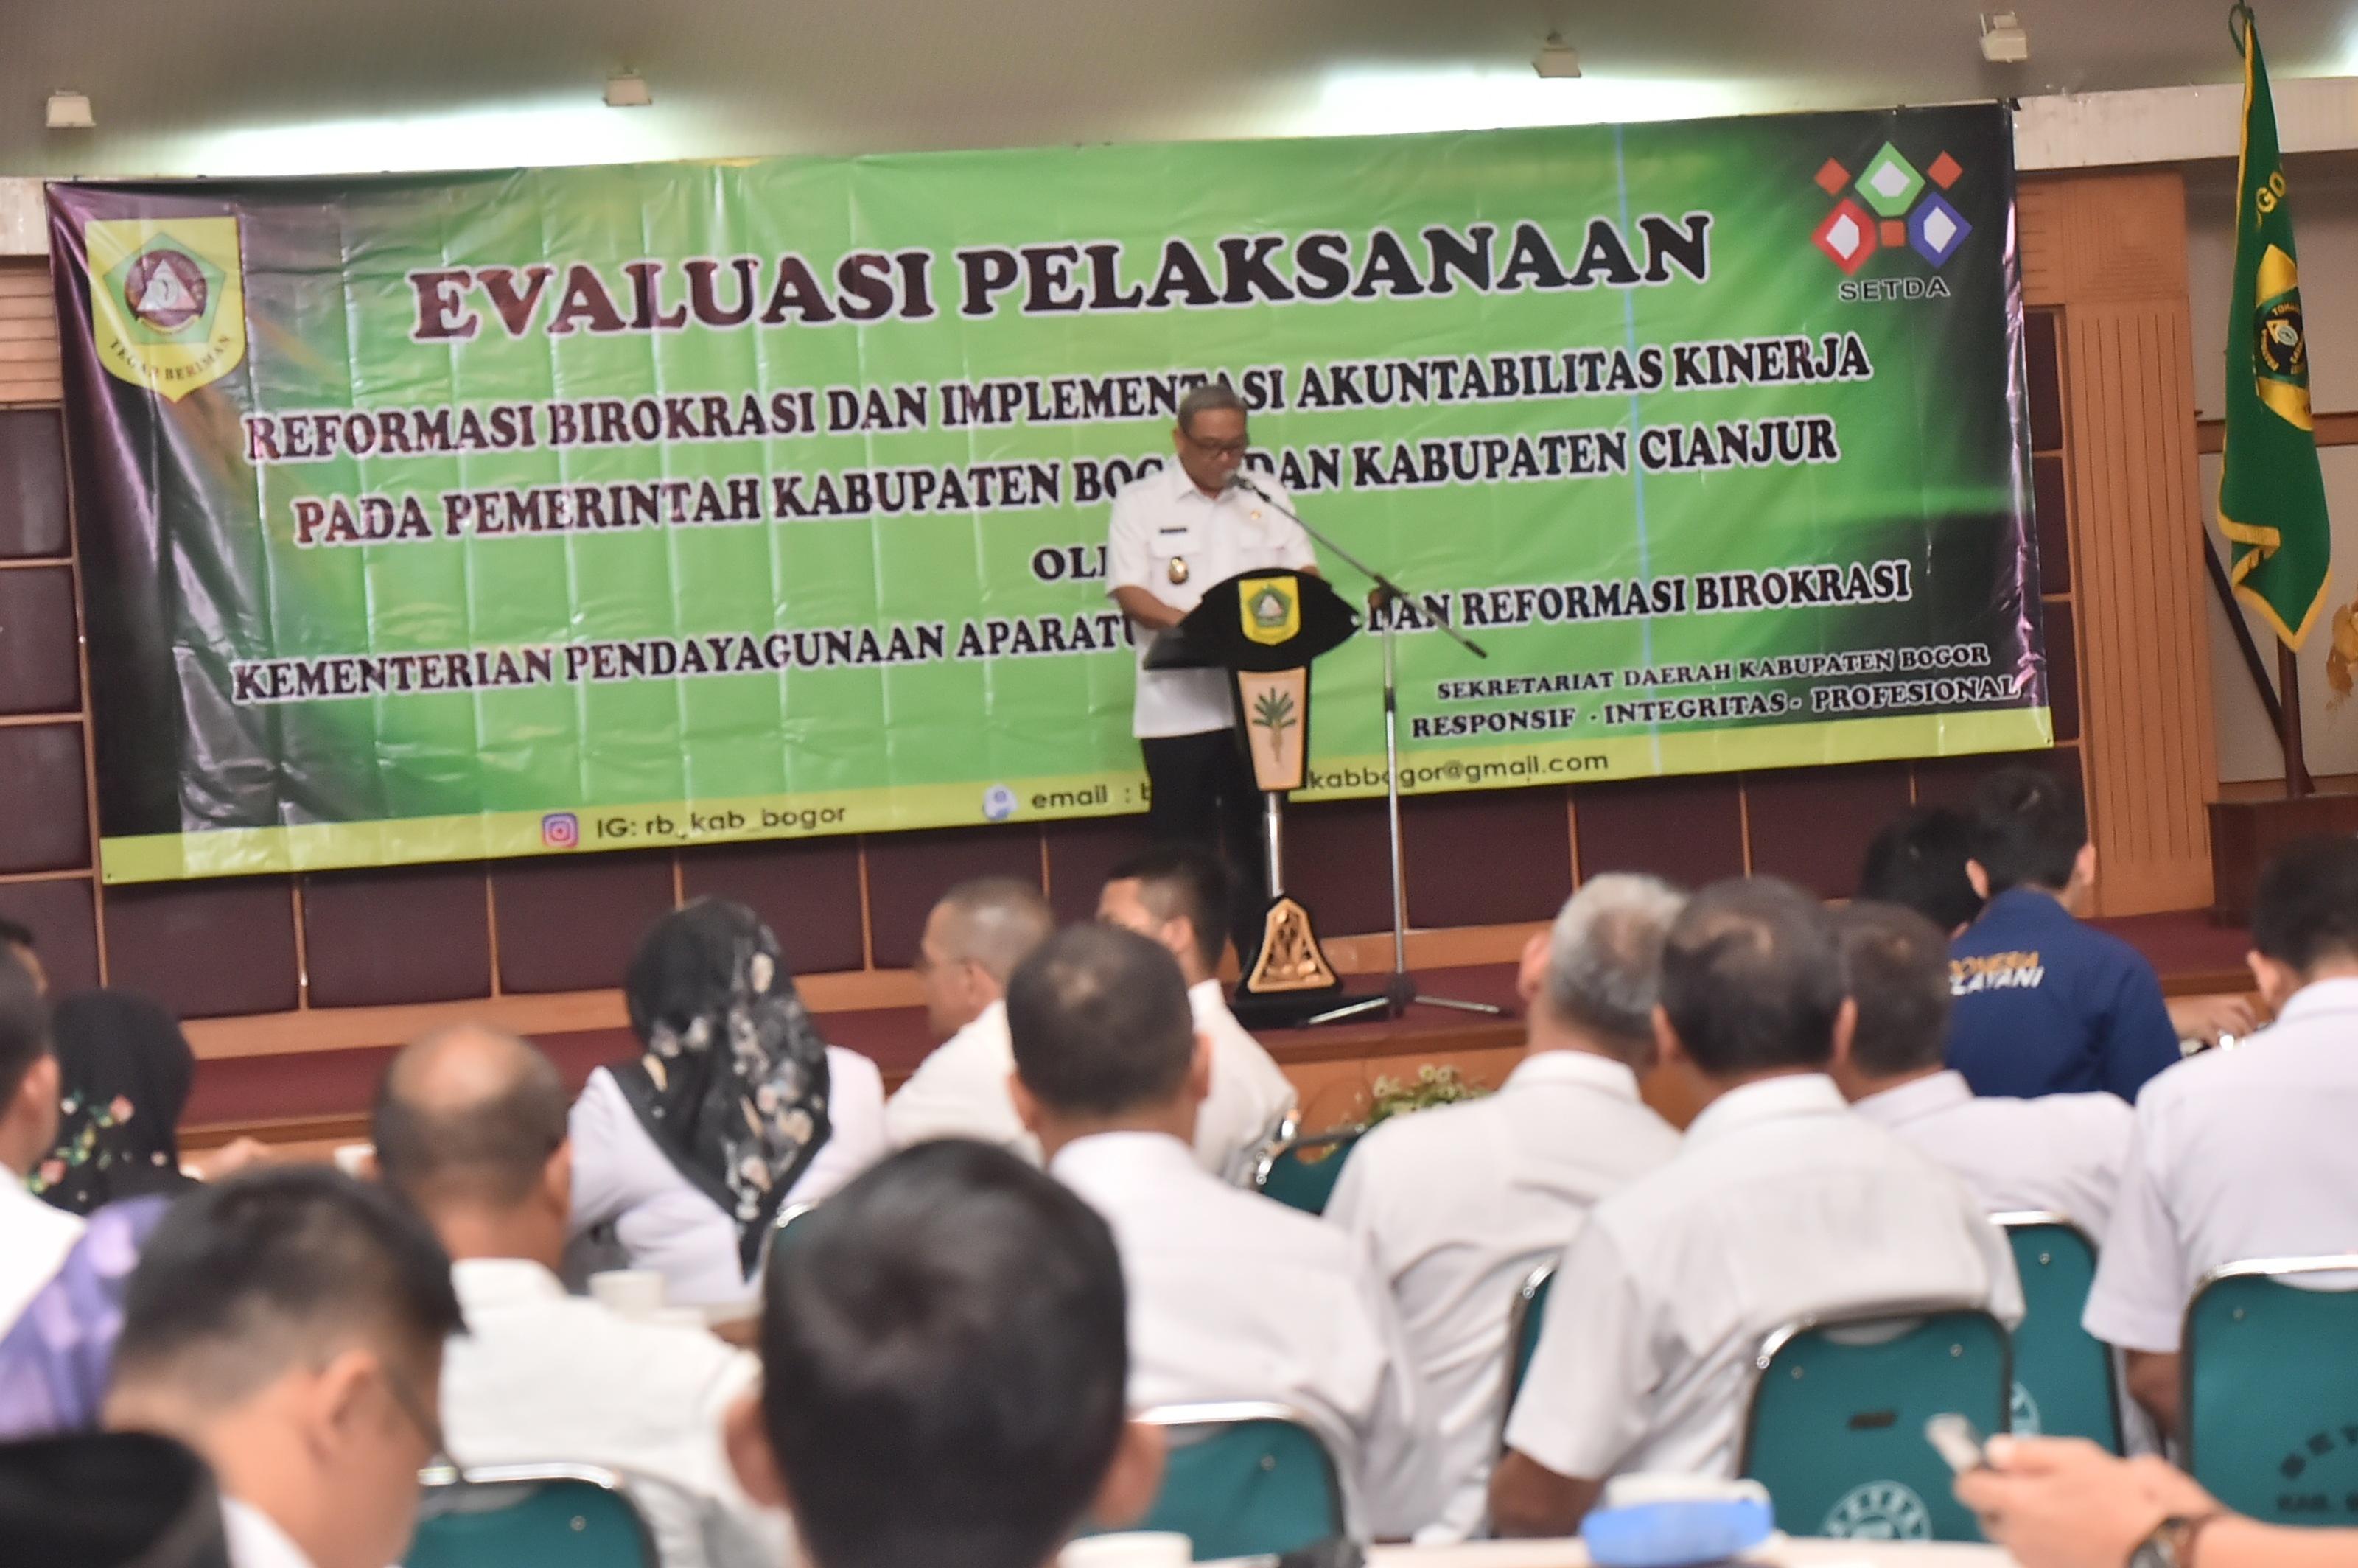 Wabup Bogor Hadiri Evaluasi Pelaksanaan Reformasi Birokrasi Dan Sistem Akuntabilitas Kinerja Instansi Pemerintah